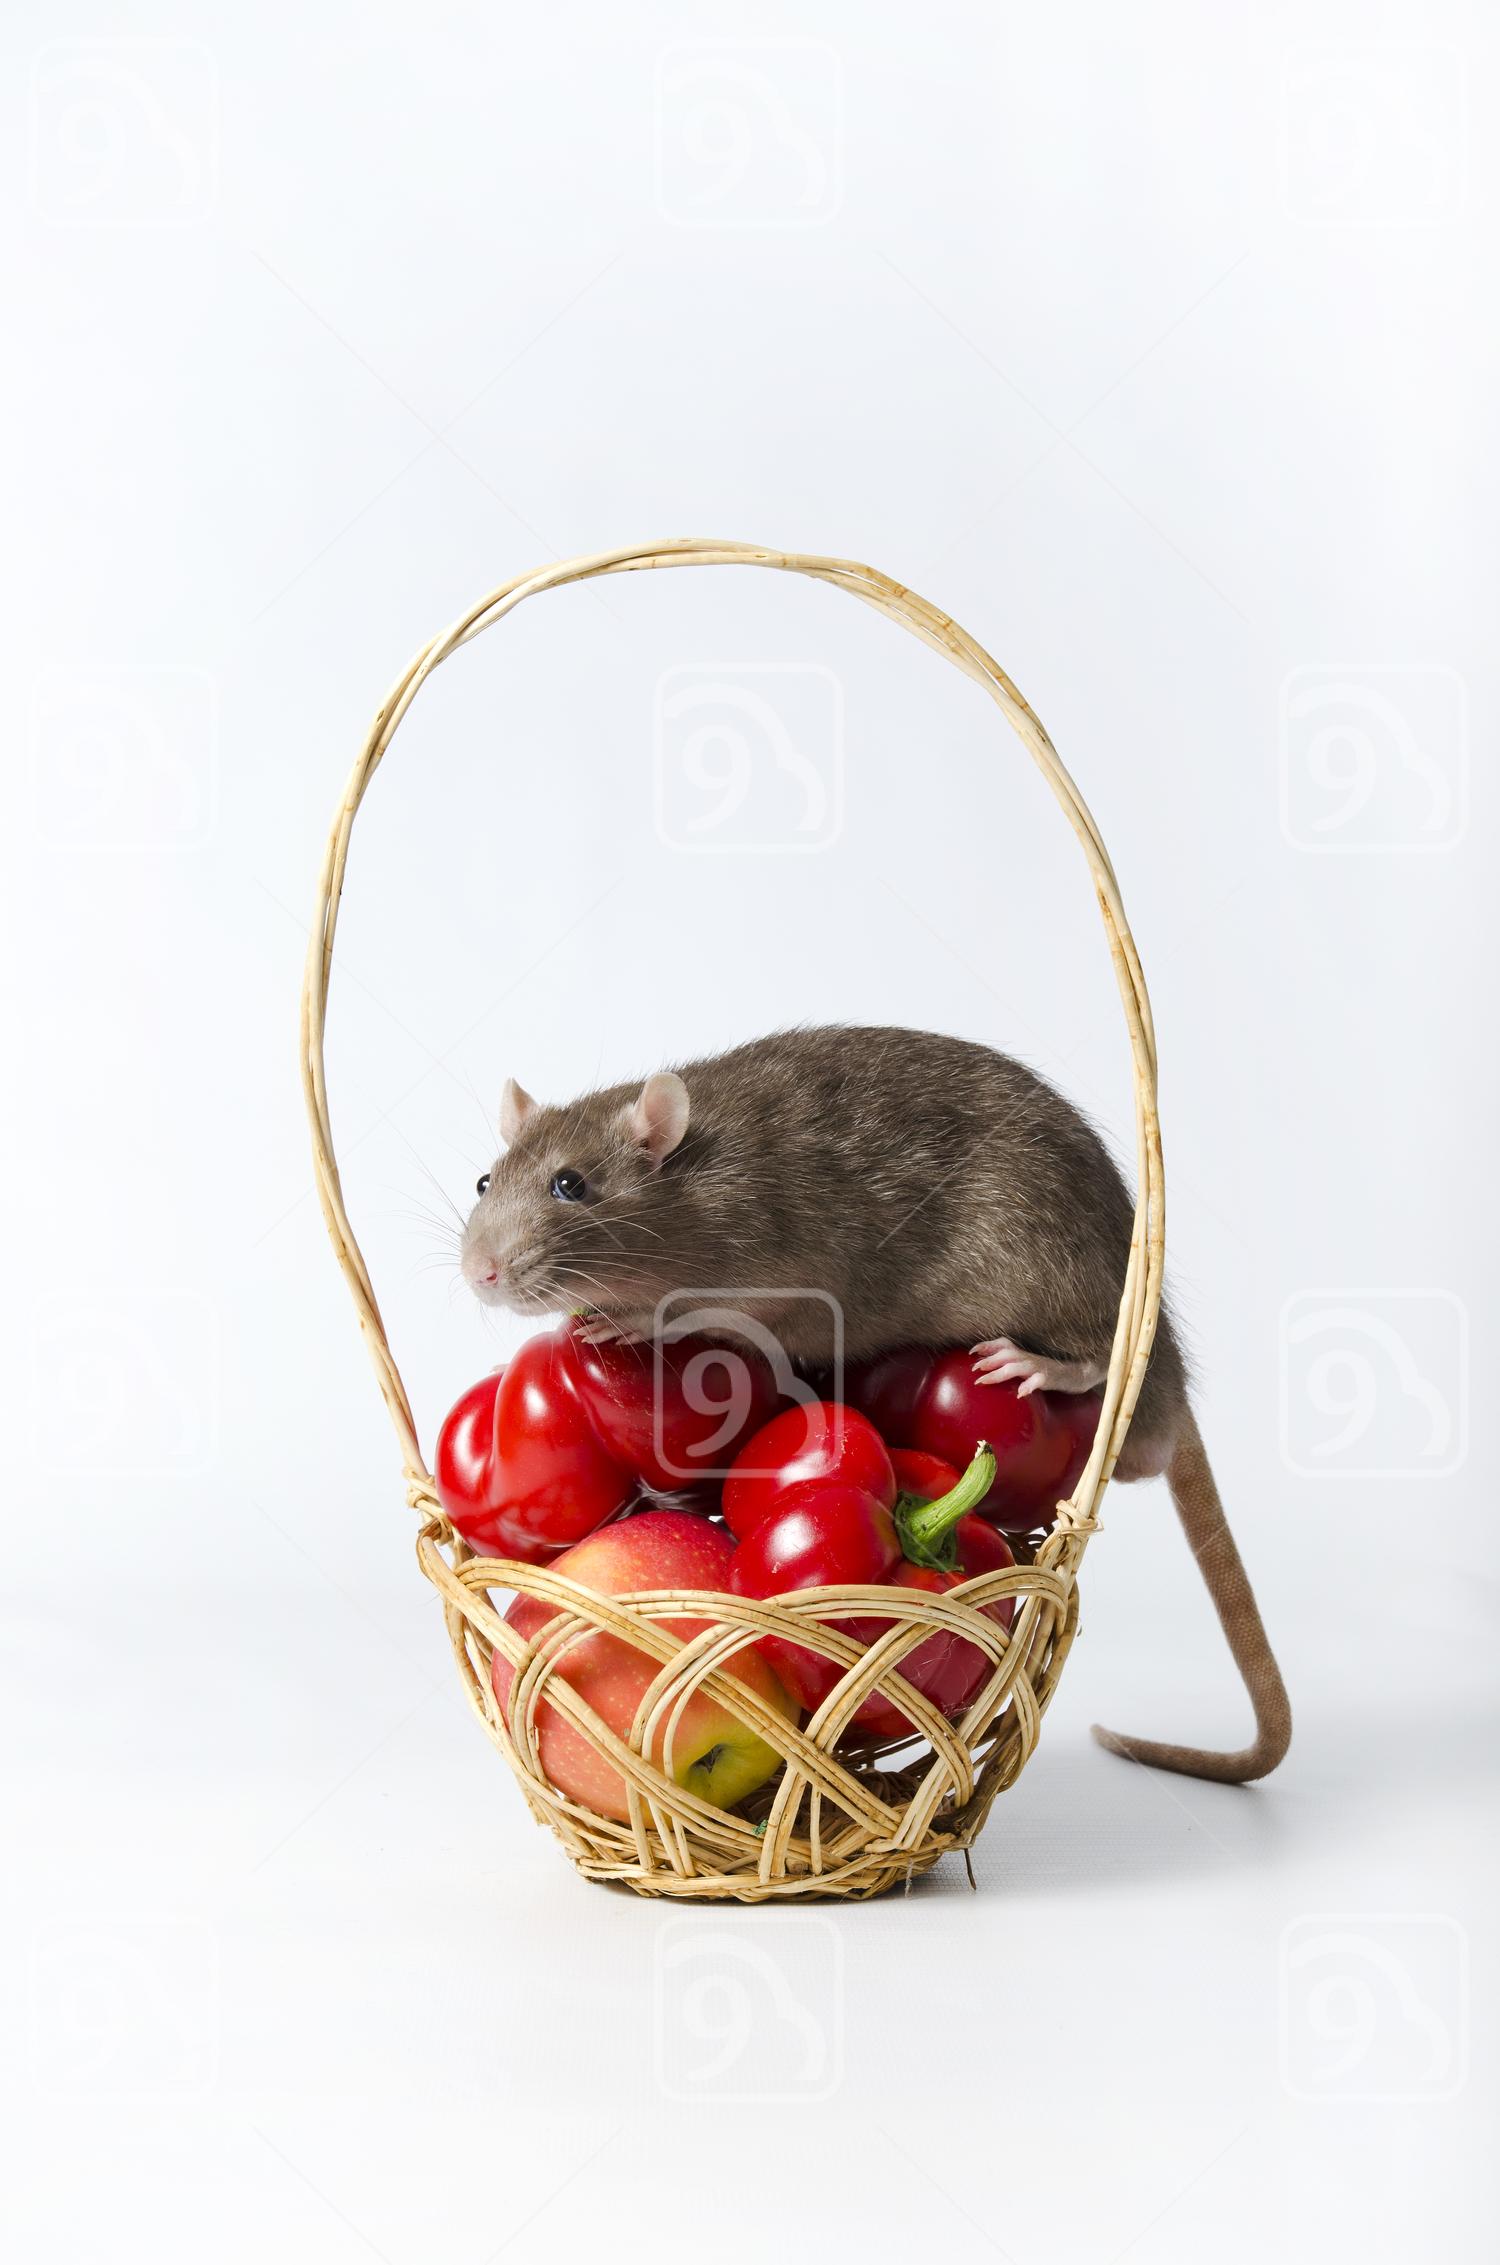 Grey Rat on wicker basket